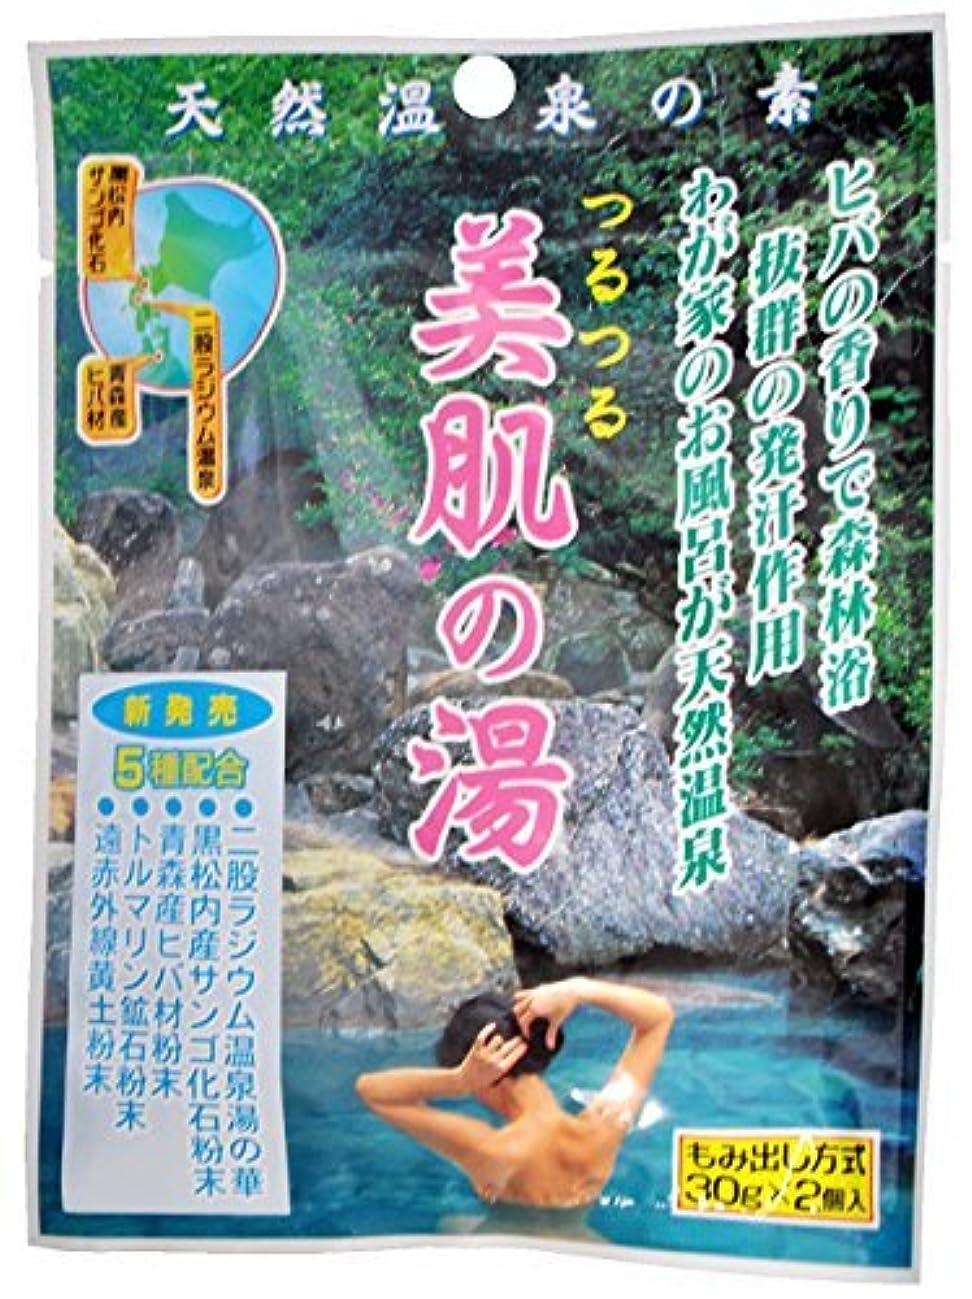 保有者赤外線パス【まとめ買い】天然成分入浴剤 つるつる 美肌の湯 2袋入 二股ラジウム温泉の湯の華 ×100個